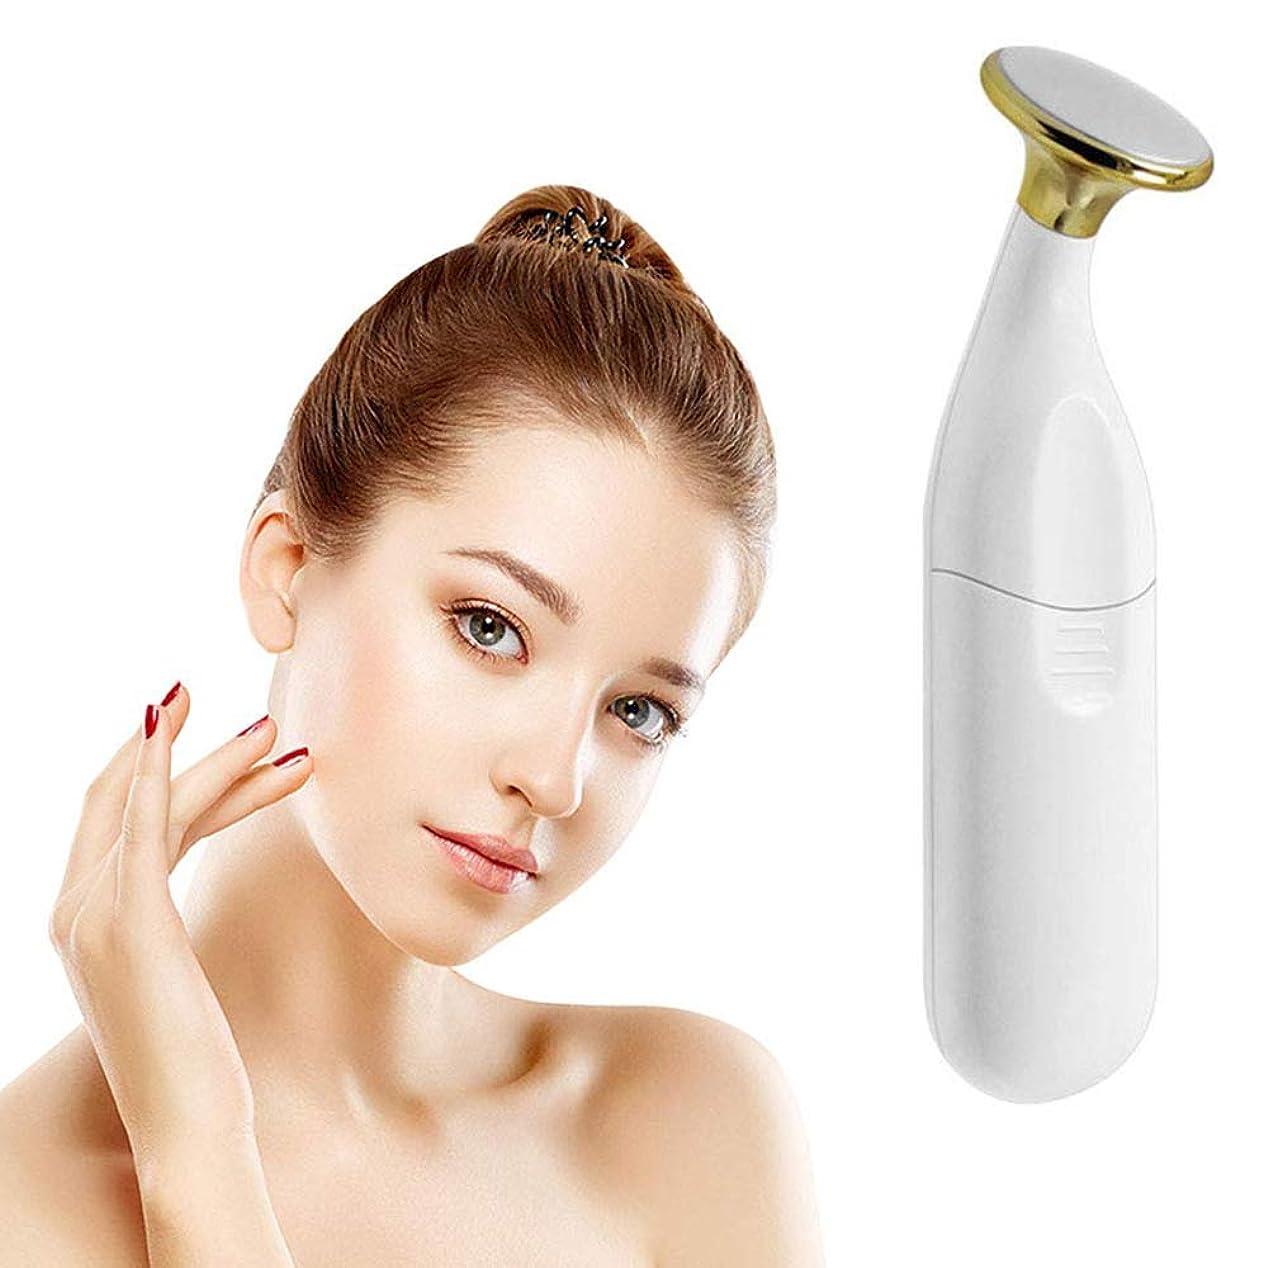 咽頭破壊ルーフ美容振動マッサージ機器の引き締まった毛穴の導入と輸出は、超音波美容機器を加熱する目の吸引の輪を減らします